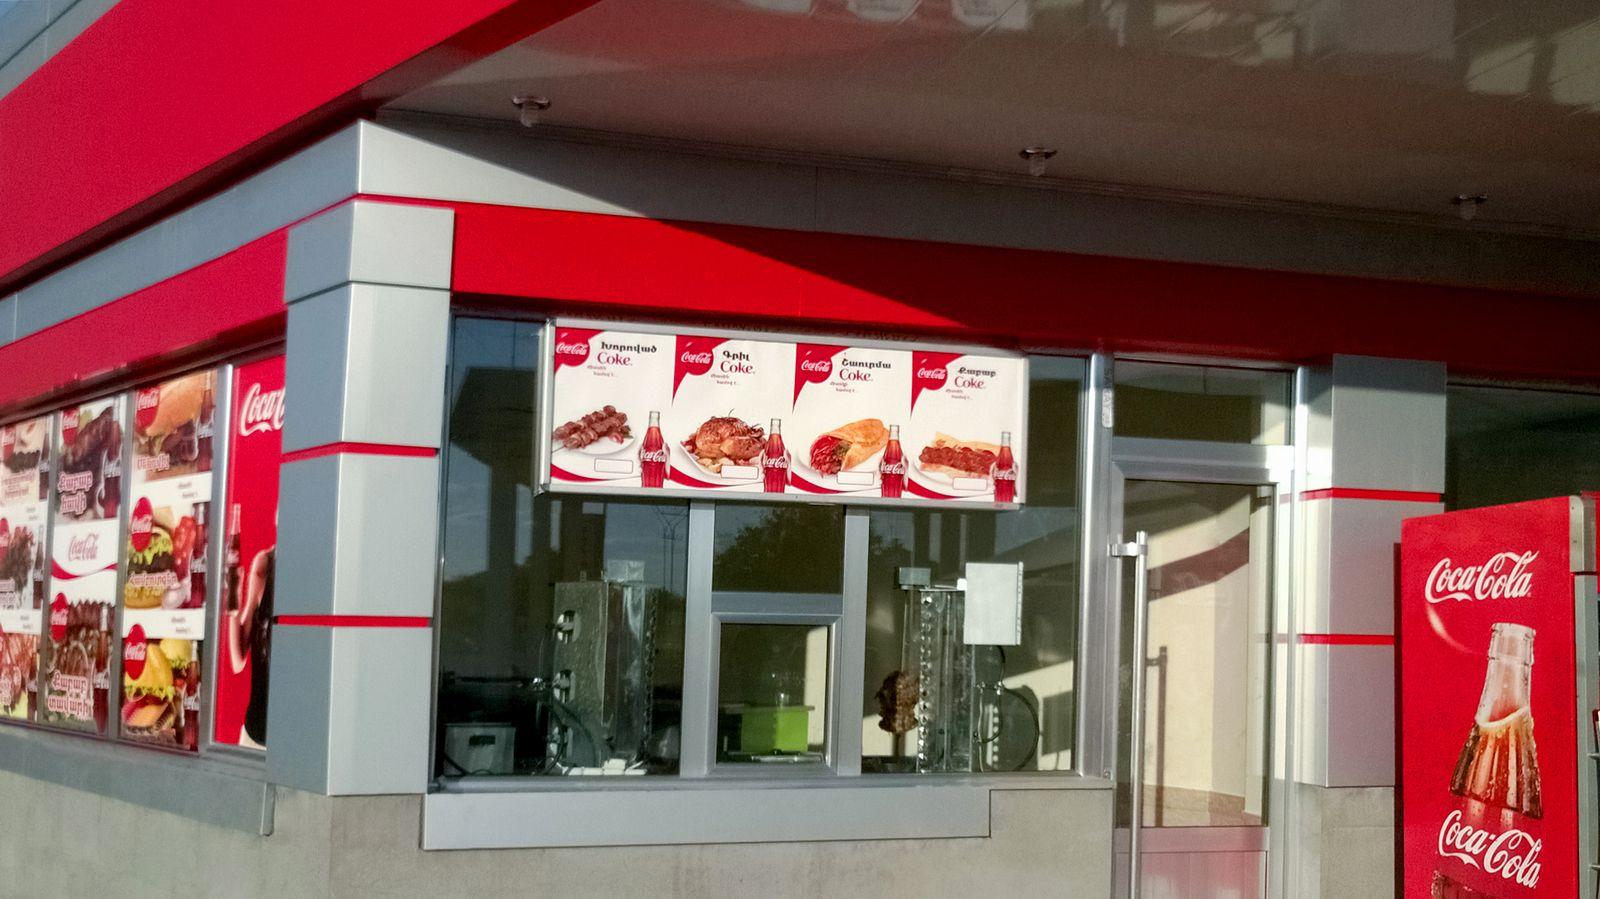 restaurant coca-cola menu signs